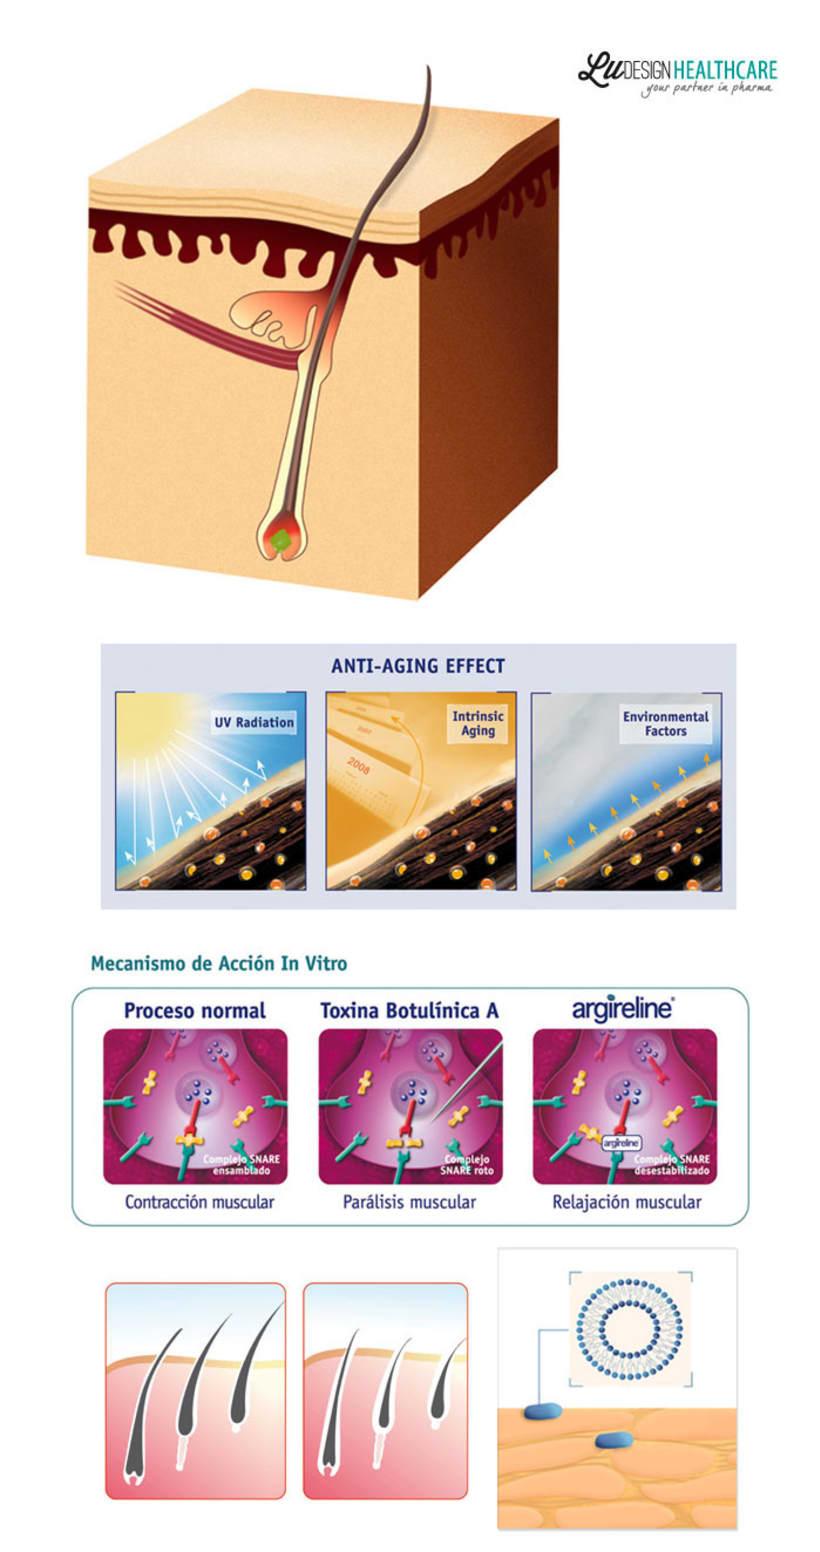 Ilustraciones Científicas 1